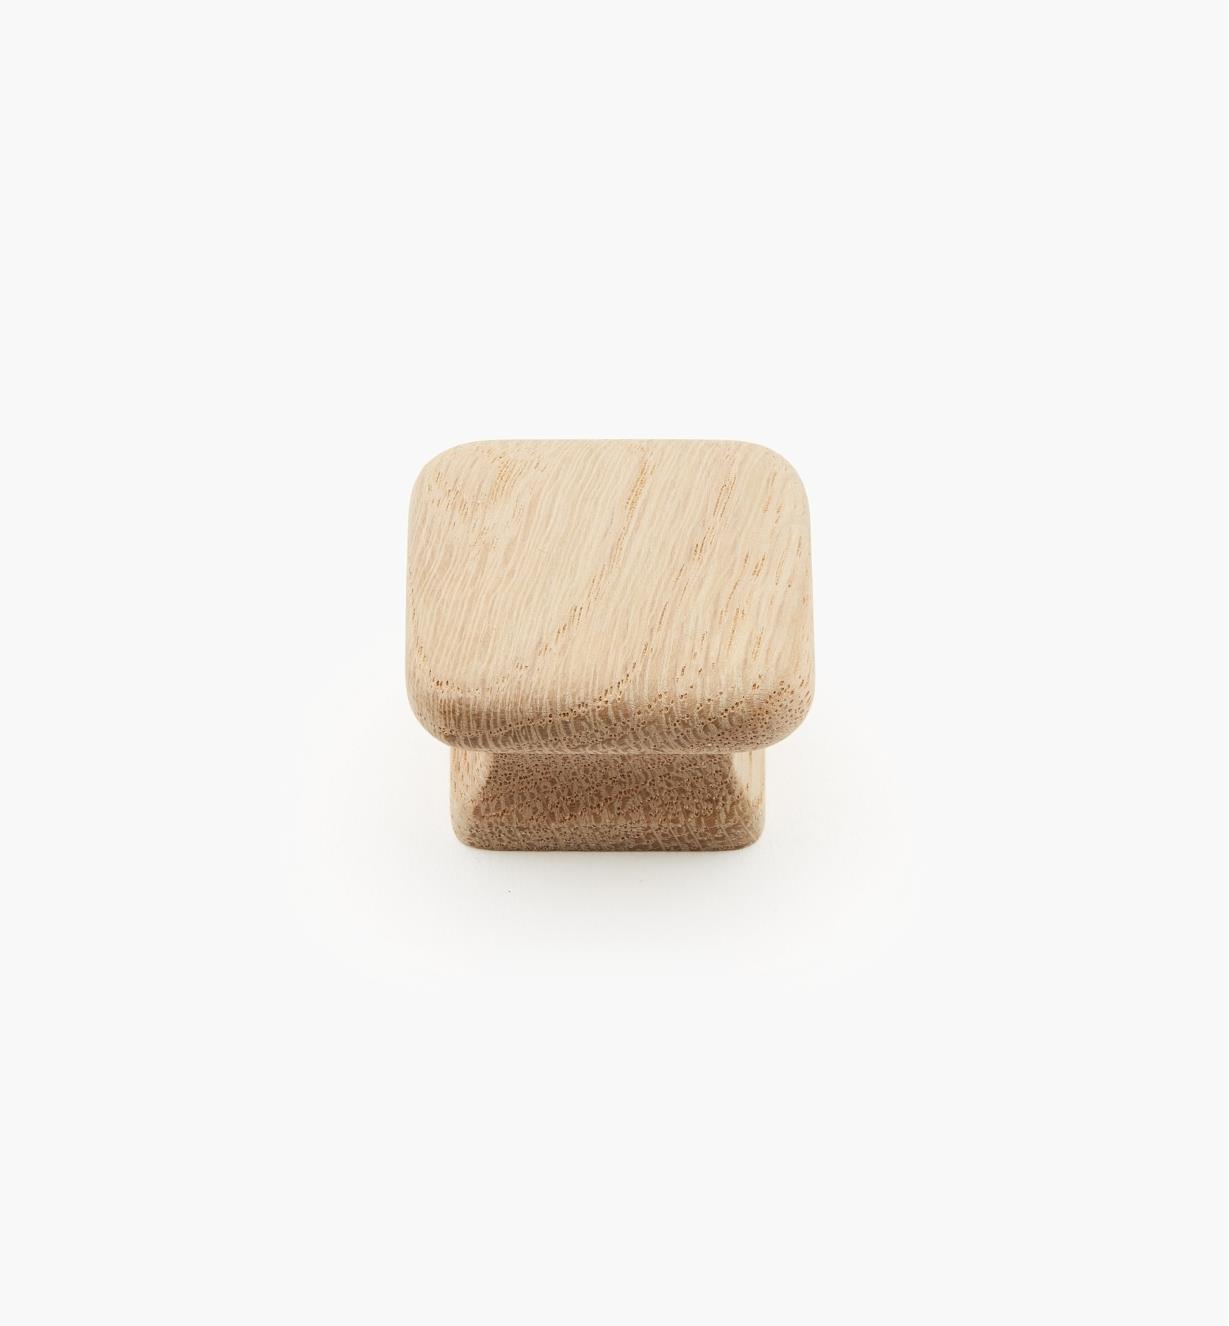 00W2901 - Bouton carré en chêne brut, 1 1/2 po